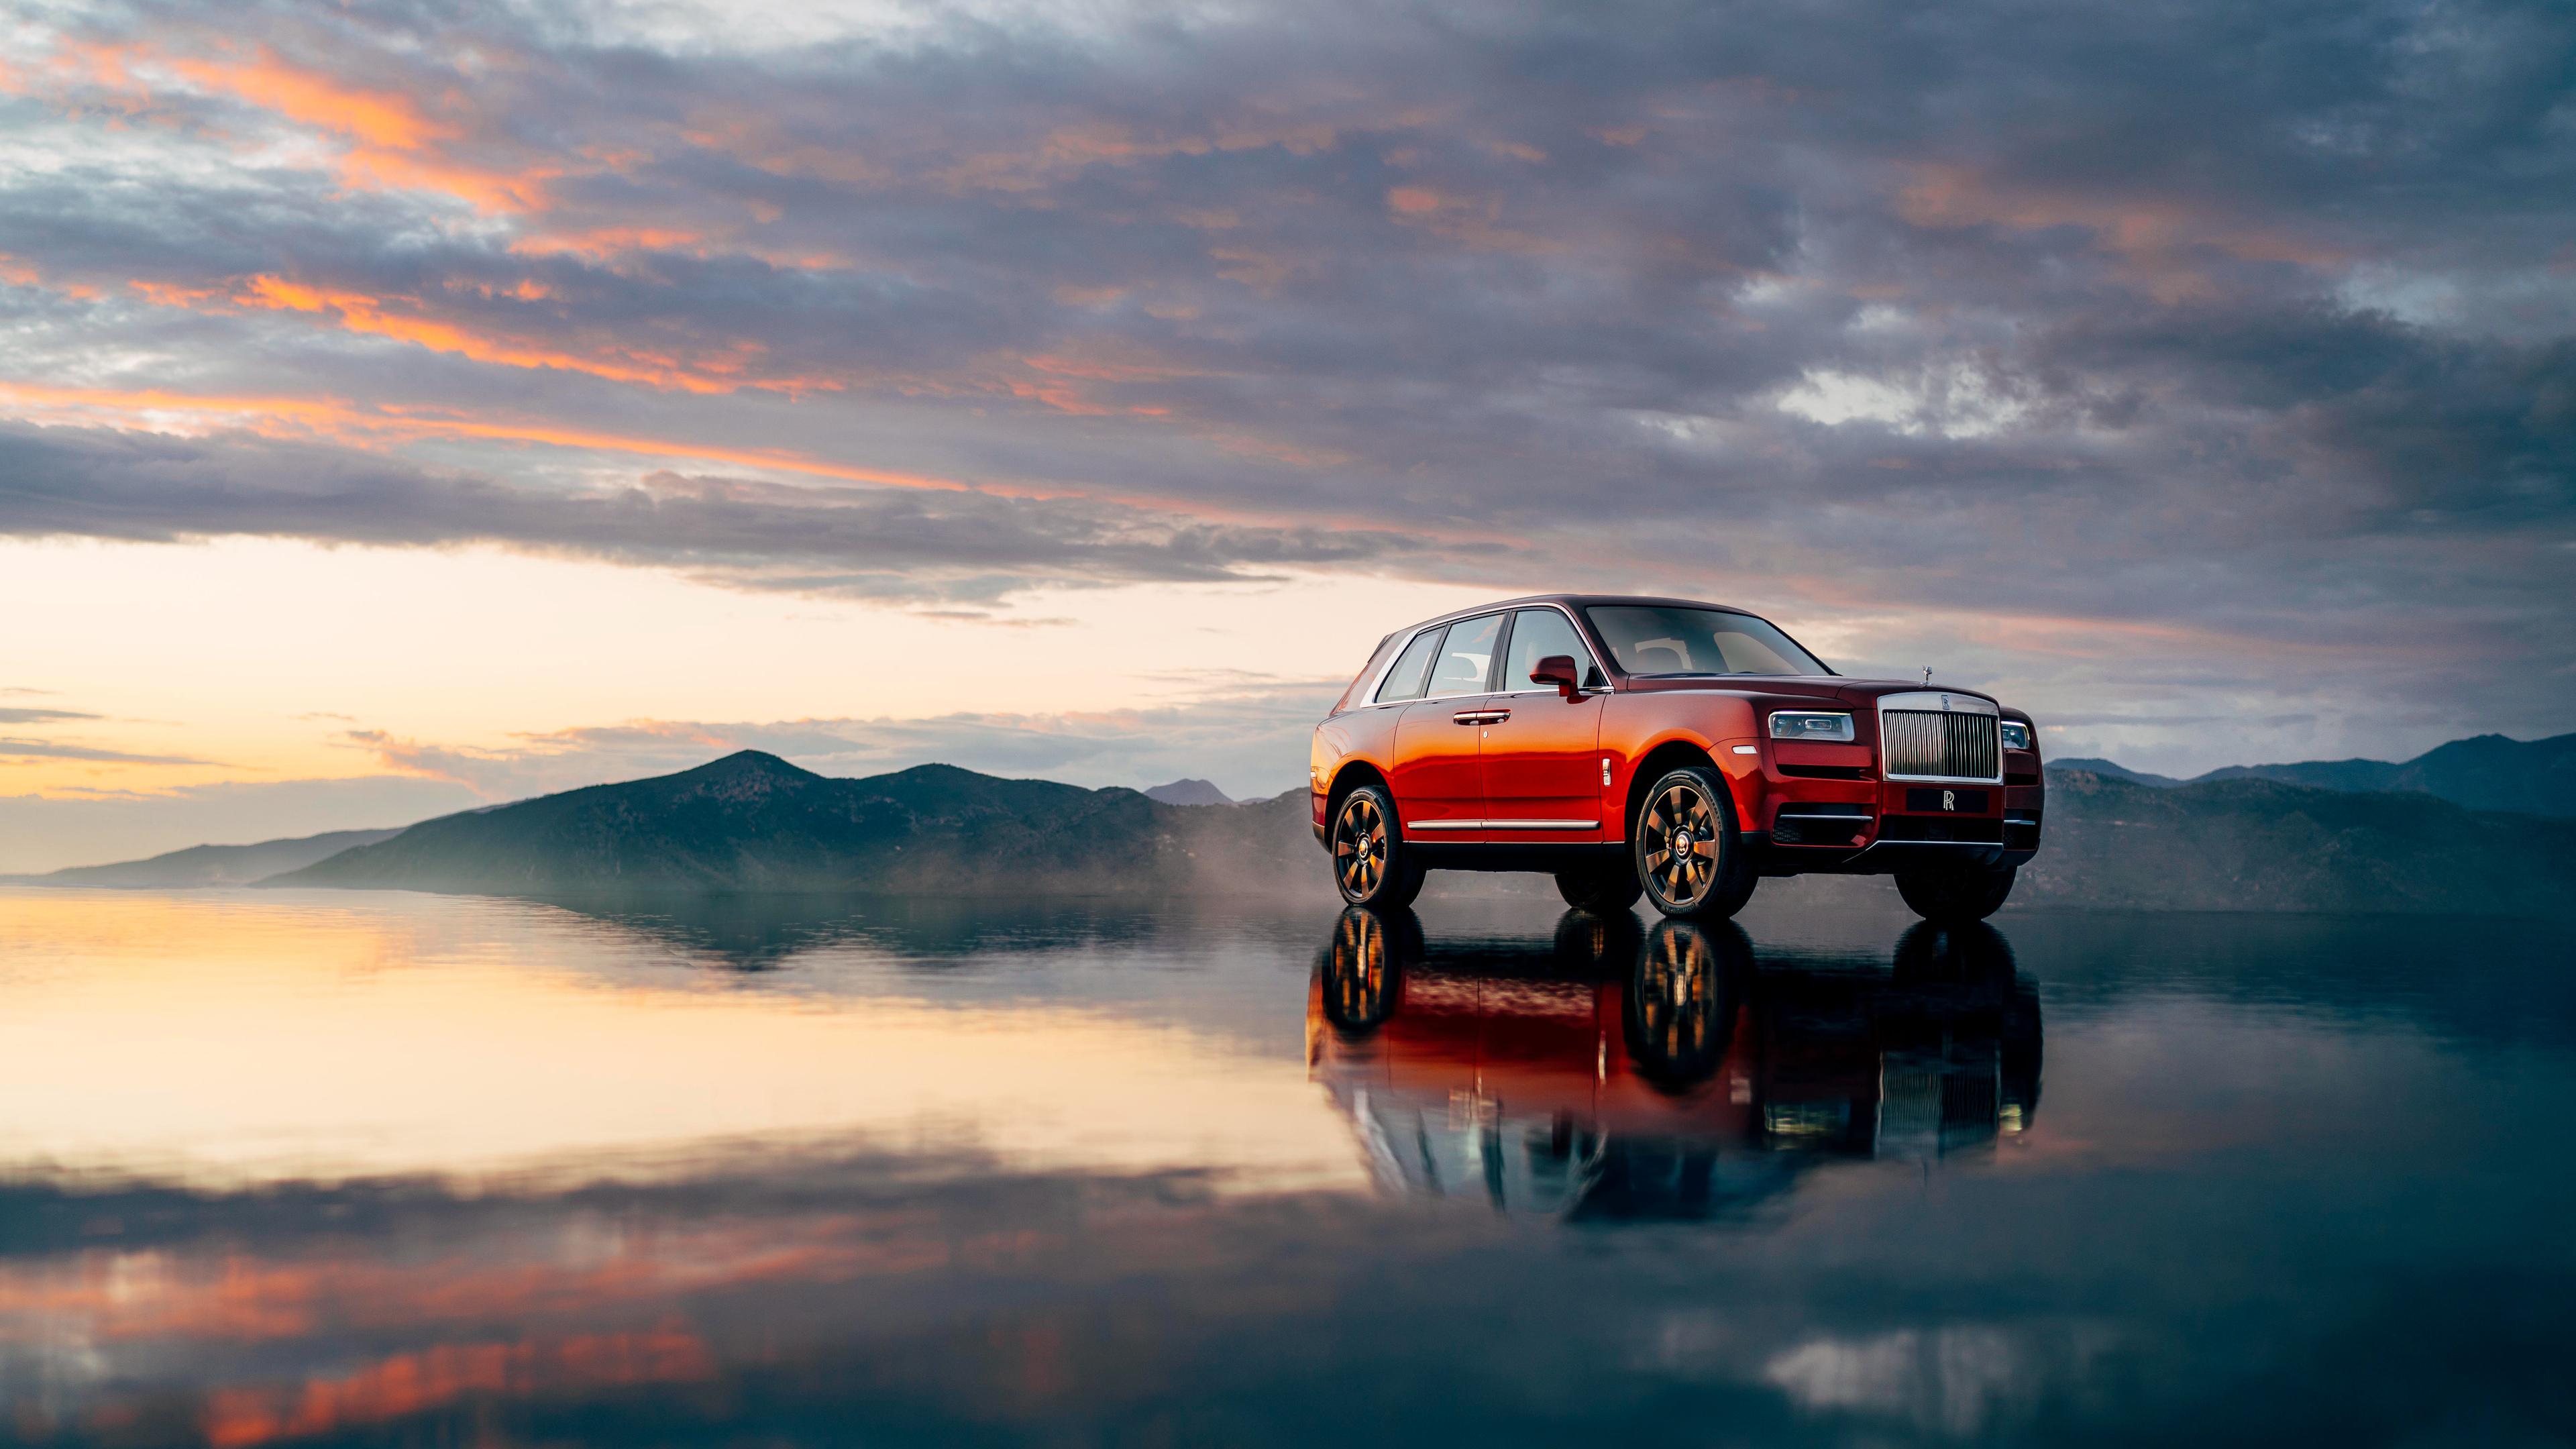 2018 Rolls Royce Cullinan 4k 6 Wallpaper Hd Car Wallpapers